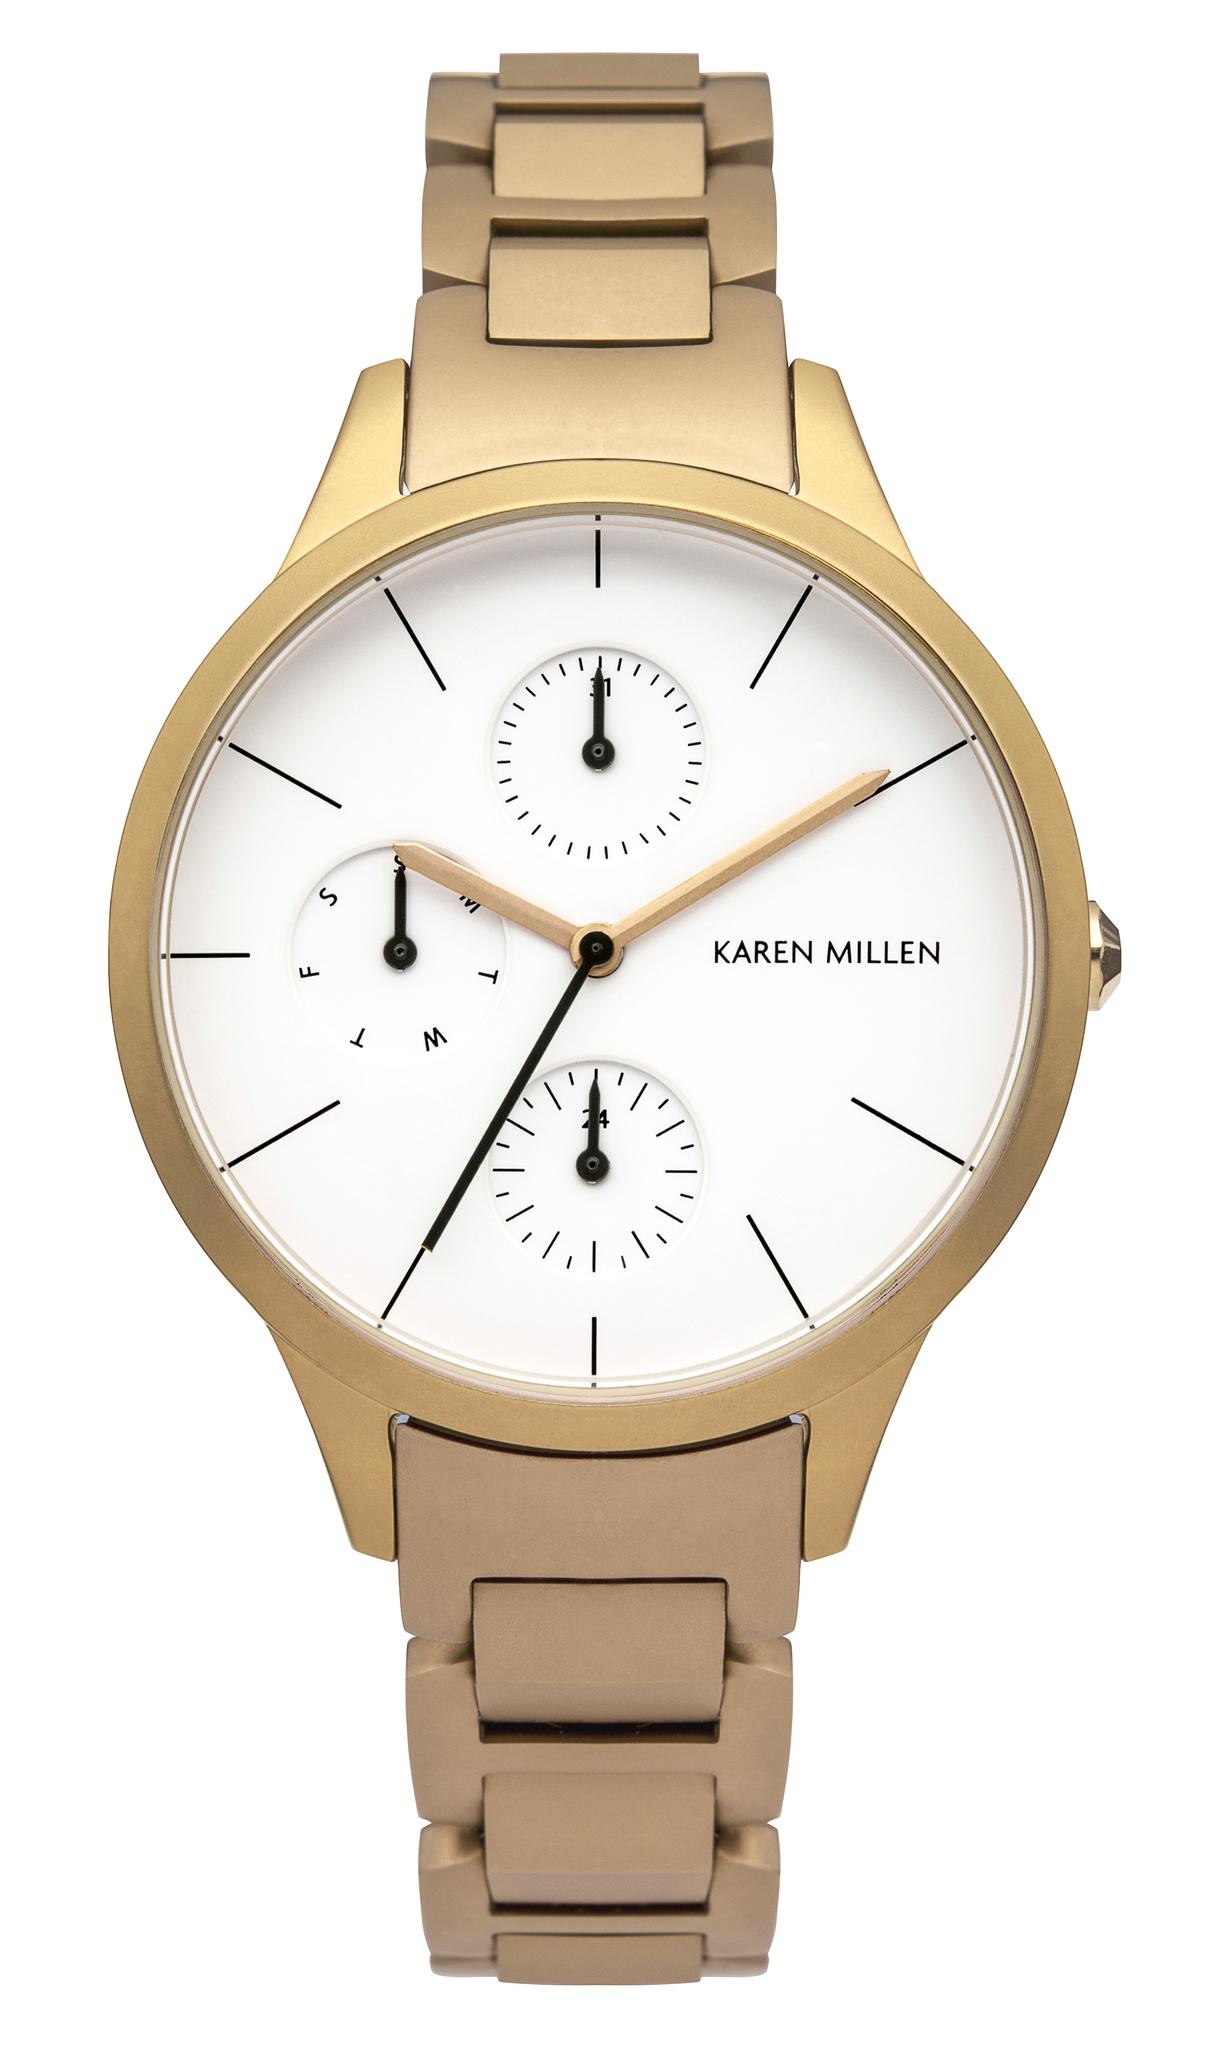 Karen Millen KM144GM - женские наручные часы из коллекции Autum6